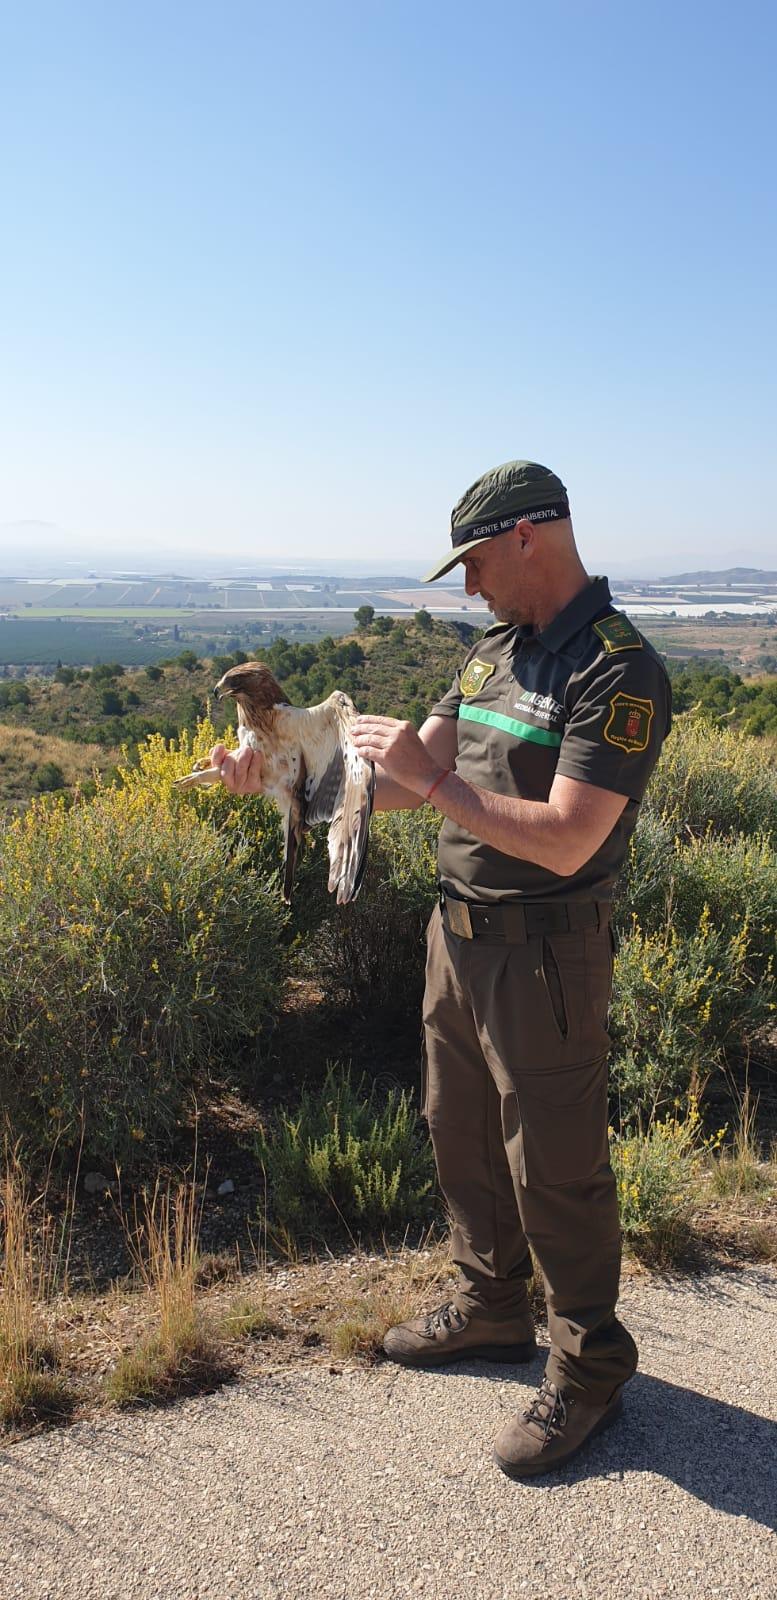 Un agente medioambiental, en el momento de liberar al ejemplar de águila calzada. Imagen: CARM